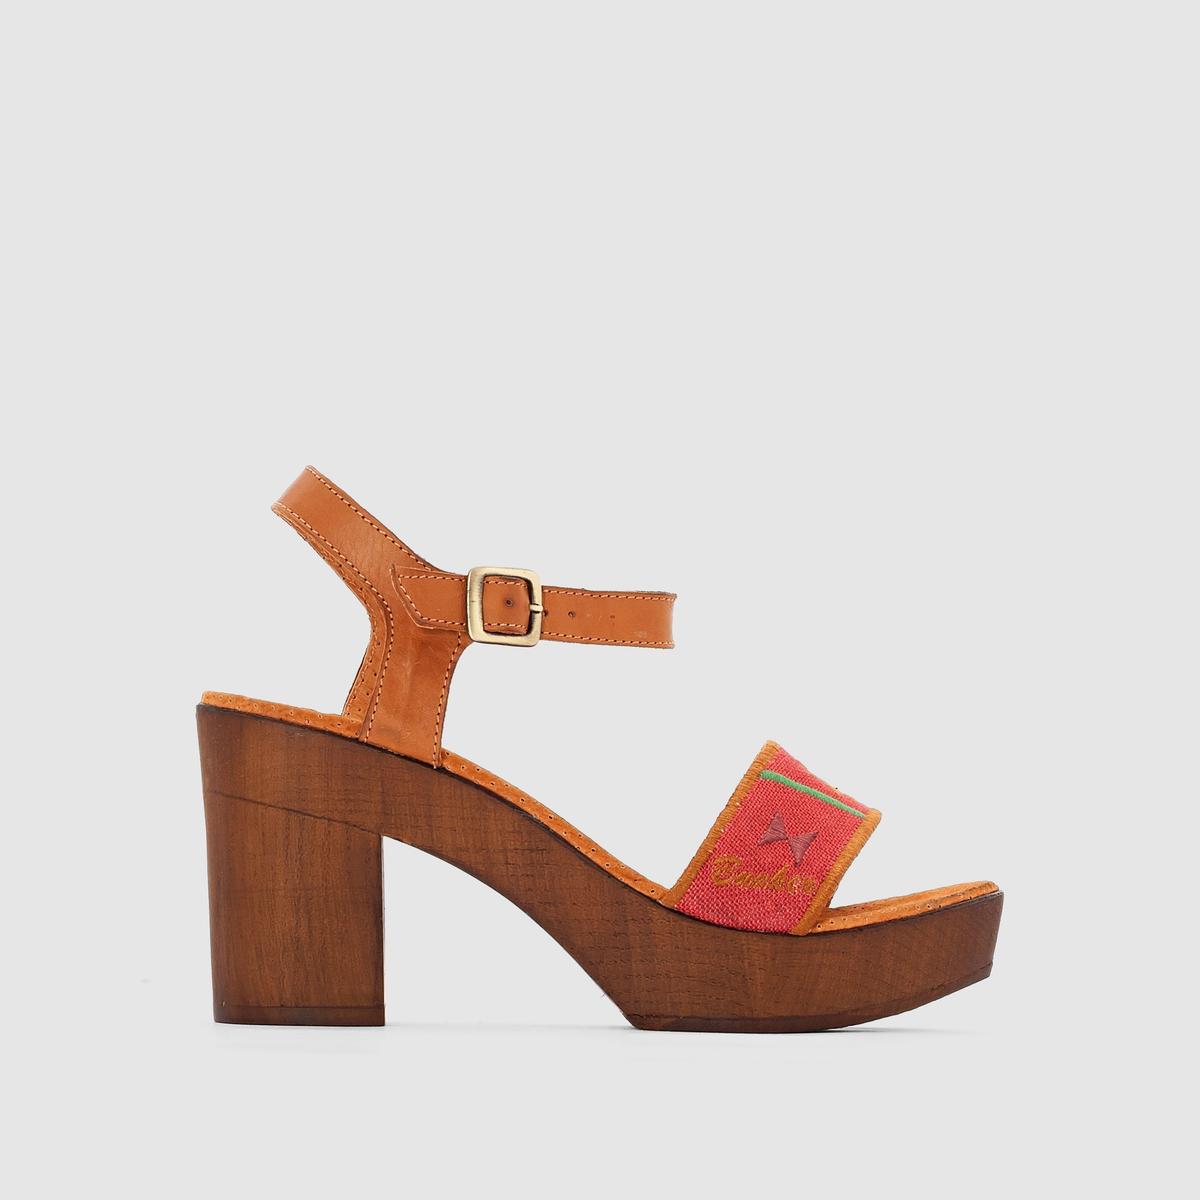 Босоножки на каблуке и подошве-платформеУльтра-женственные и комфортные босоножки благодаря подошве-платформе и высокому каблуку... !<br><br>Цвет: красный наб. рисунок<br>Размер: 37.38